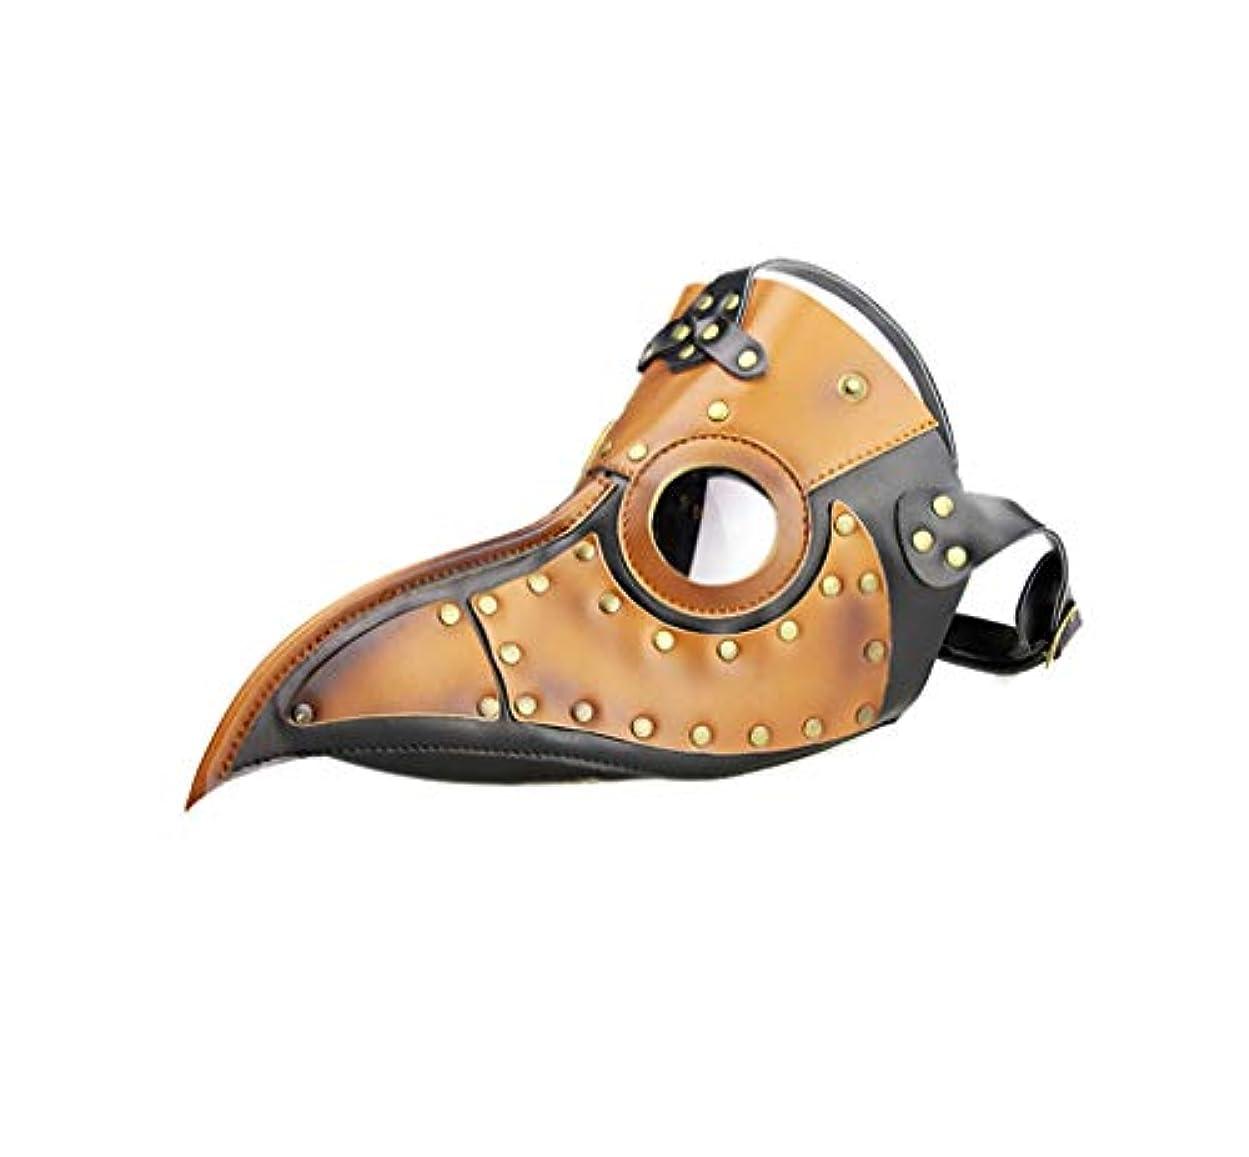 プレミアム巨大脊椎ペストドクターマスク鳥ロングノーズビークスチームパンクハロウィンプロップ